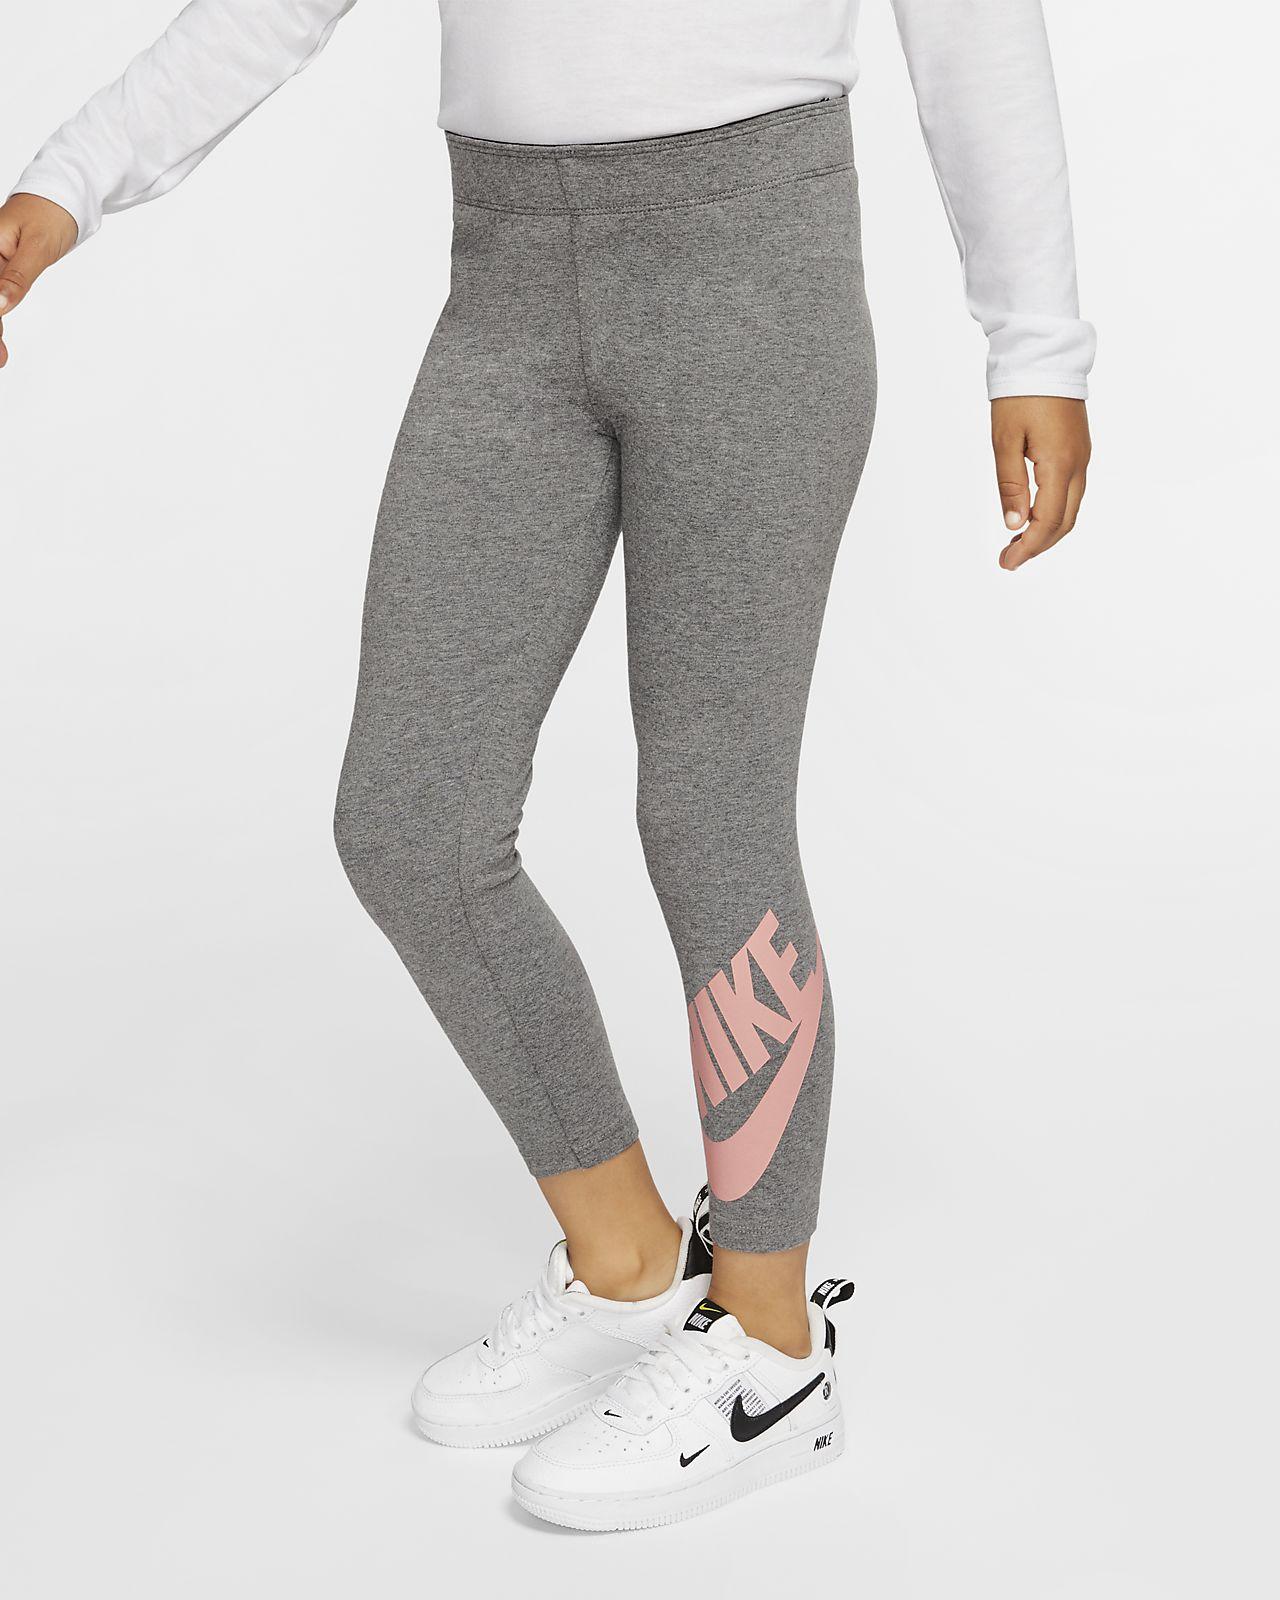 Nike Sportswear Leg-A-See Little Kids' Leggings